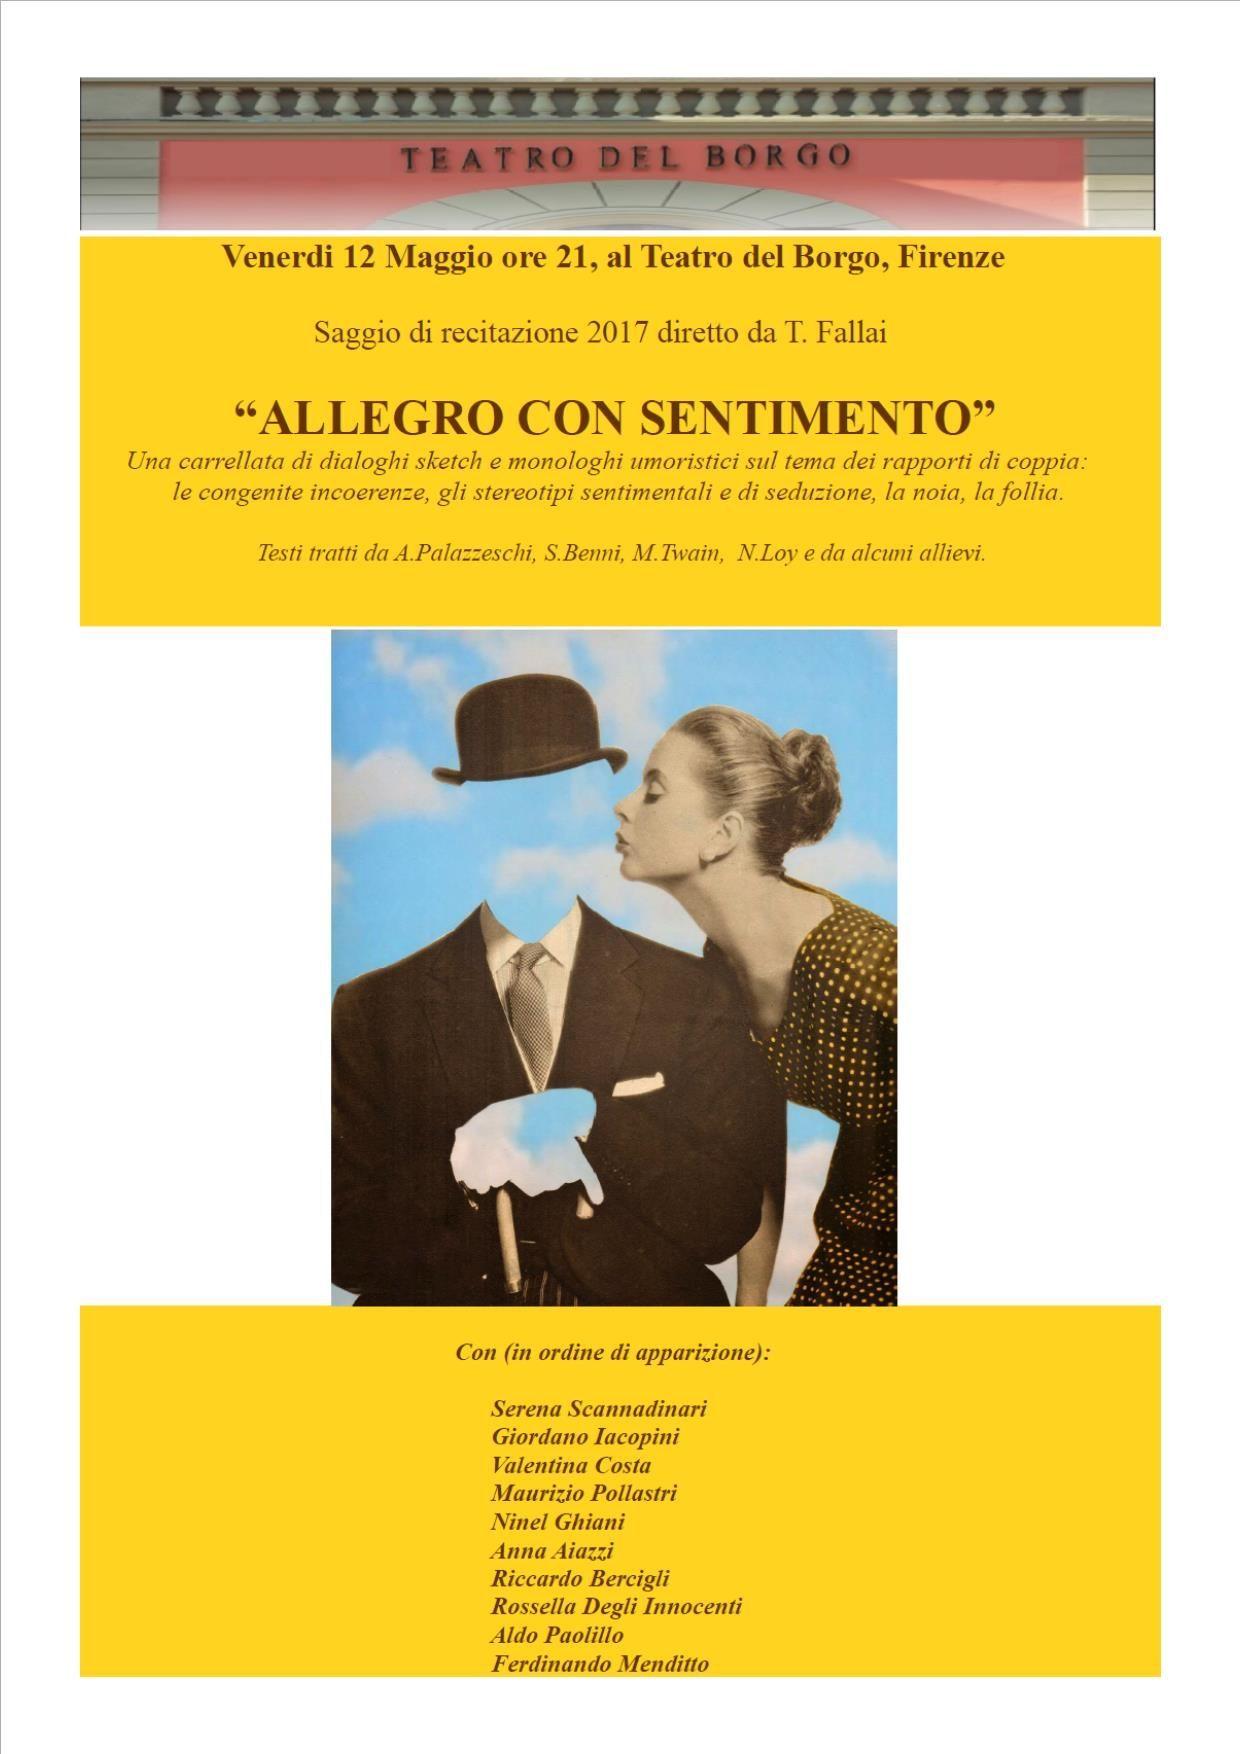 """Venerdì 12 Maggio ore 21 Saggio di recitazione 2017 diretto da T. Fallai """"ALLEGRO CON SENTIMENTO"""""""